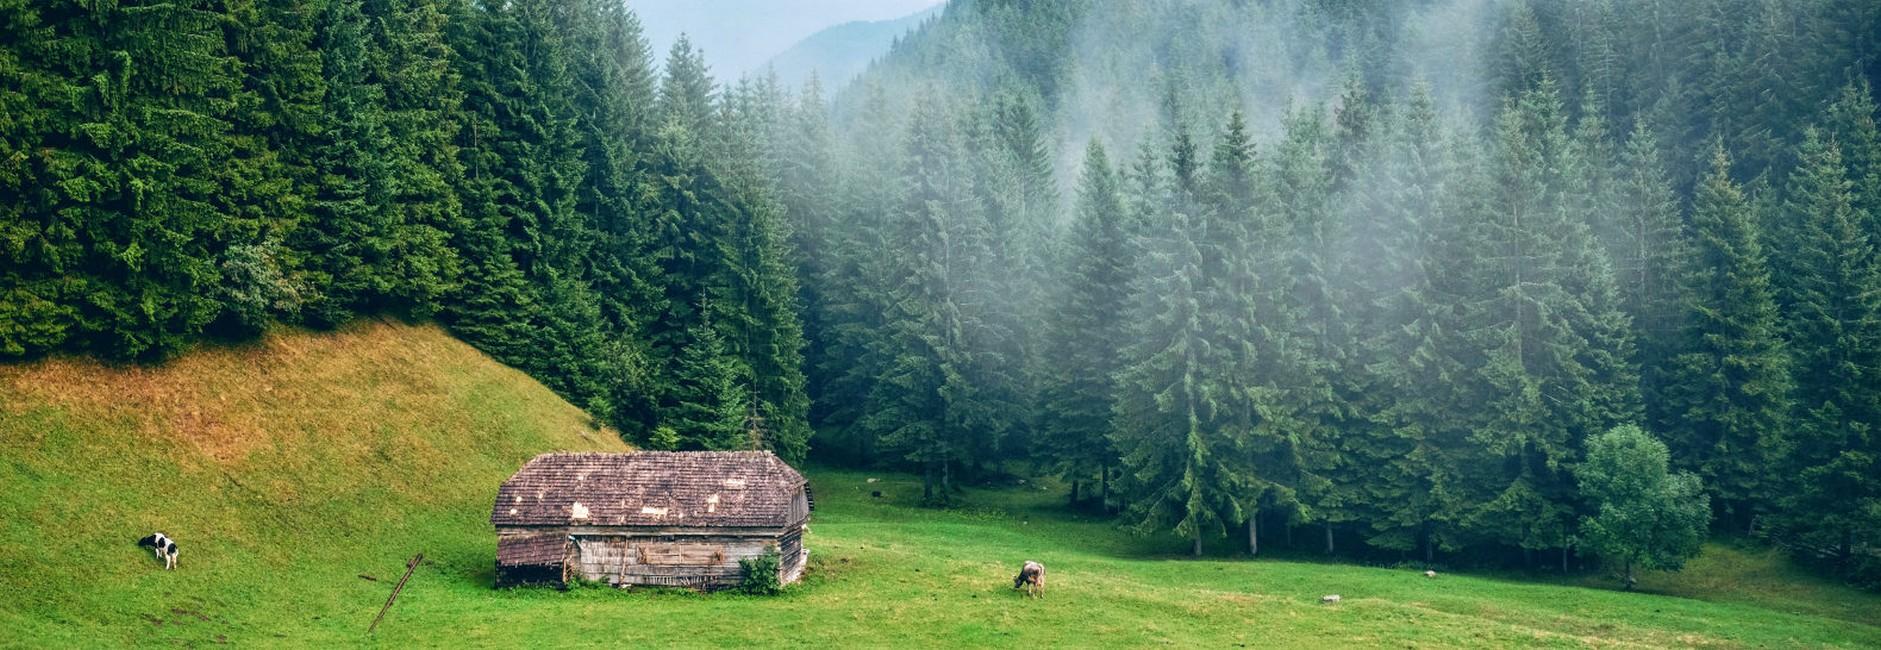 diaspora din păcate vacanță acasă în România slider